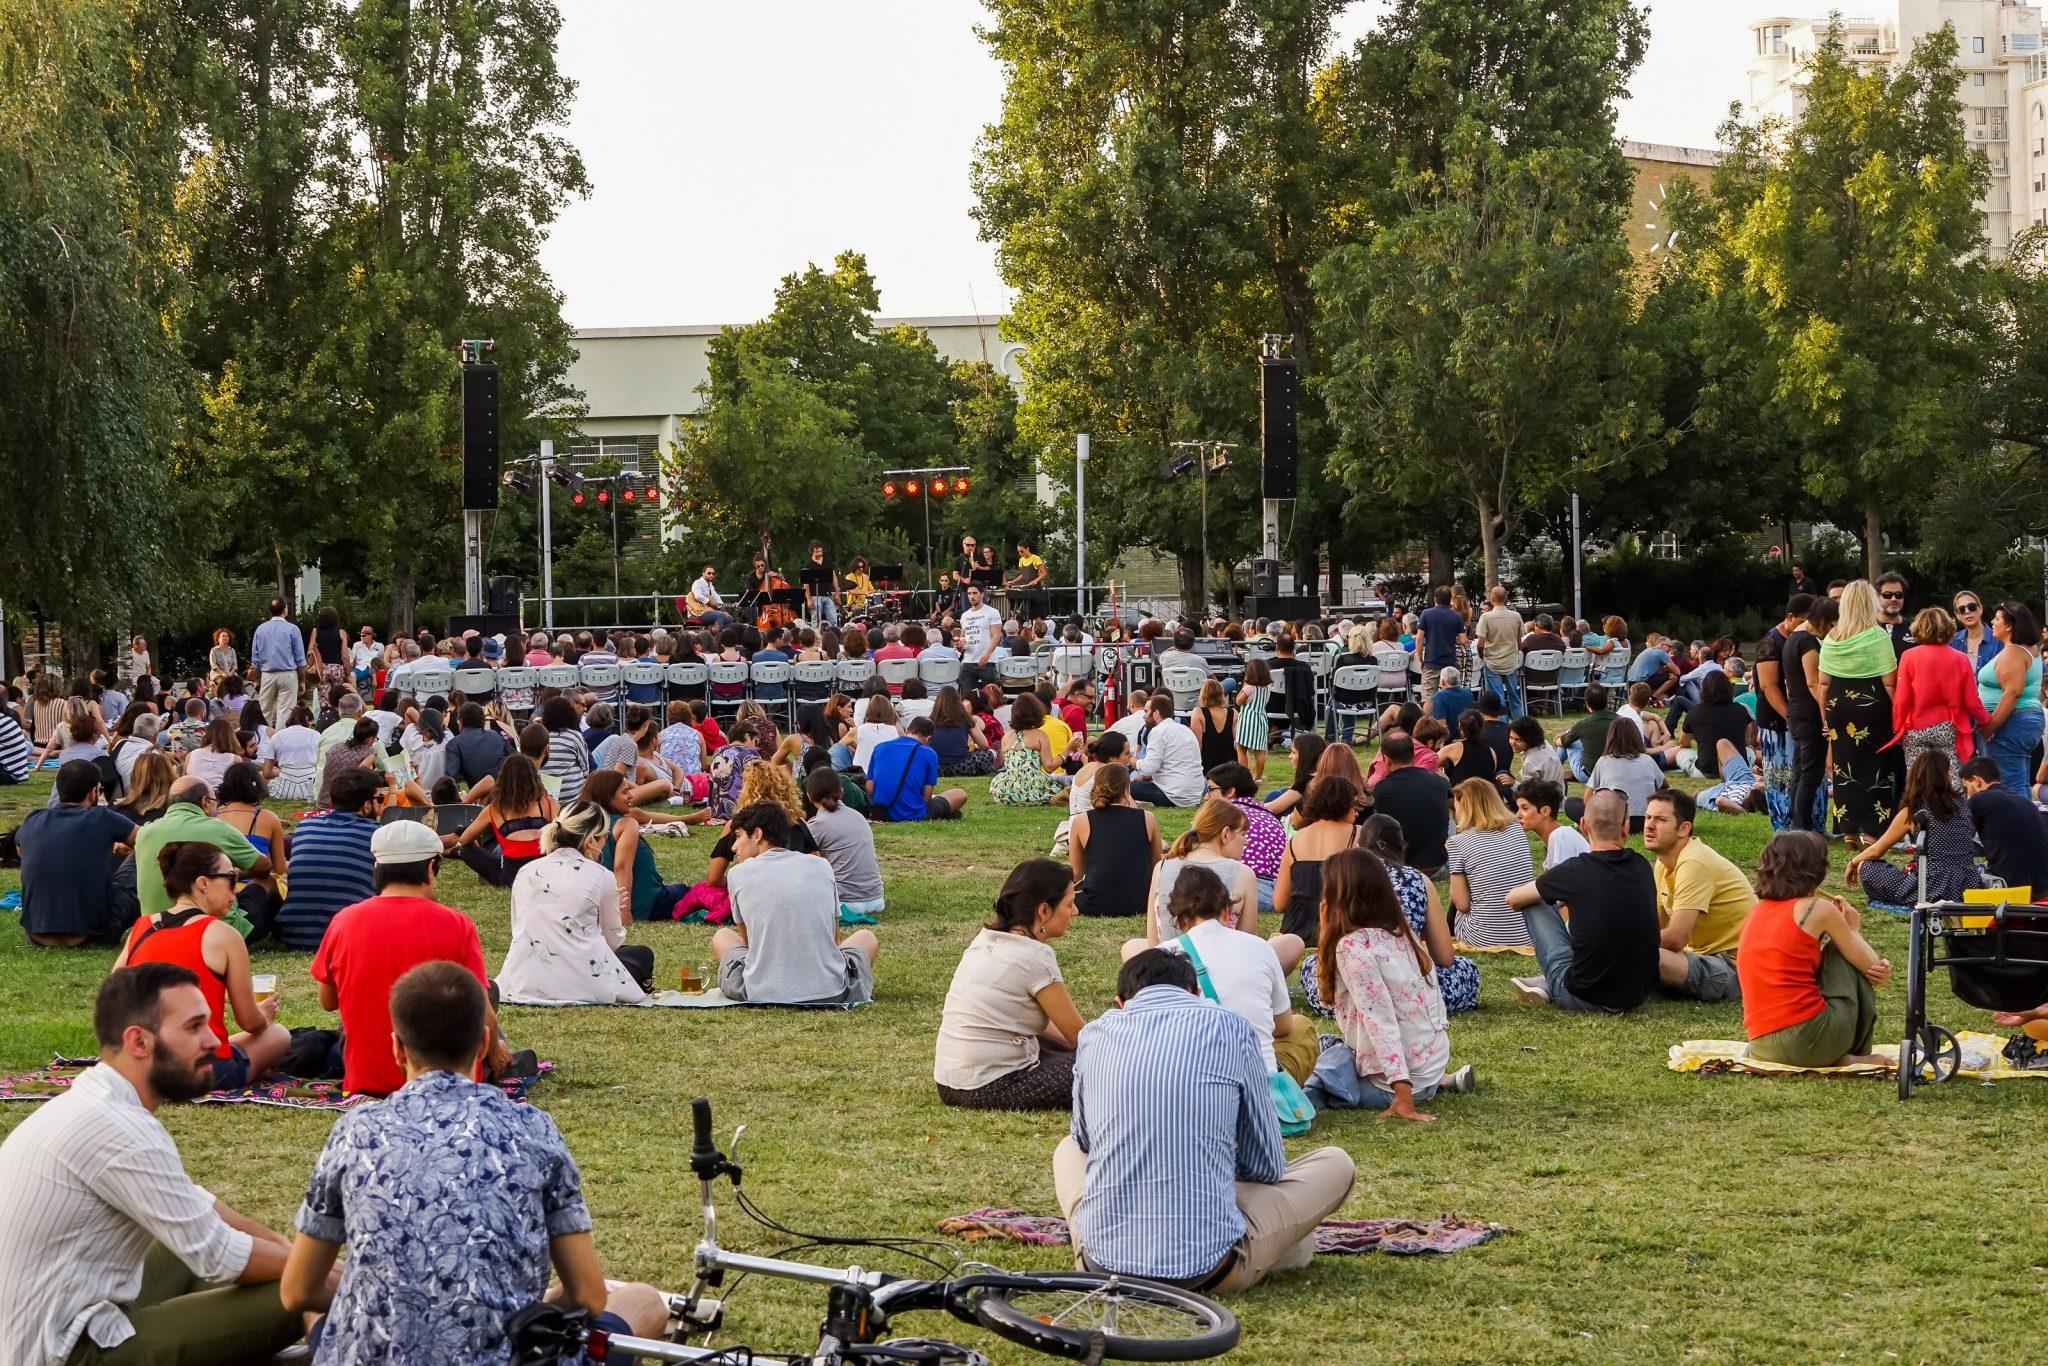 Pessoas sentadas num jardim a assistir a um concerto durante o dia